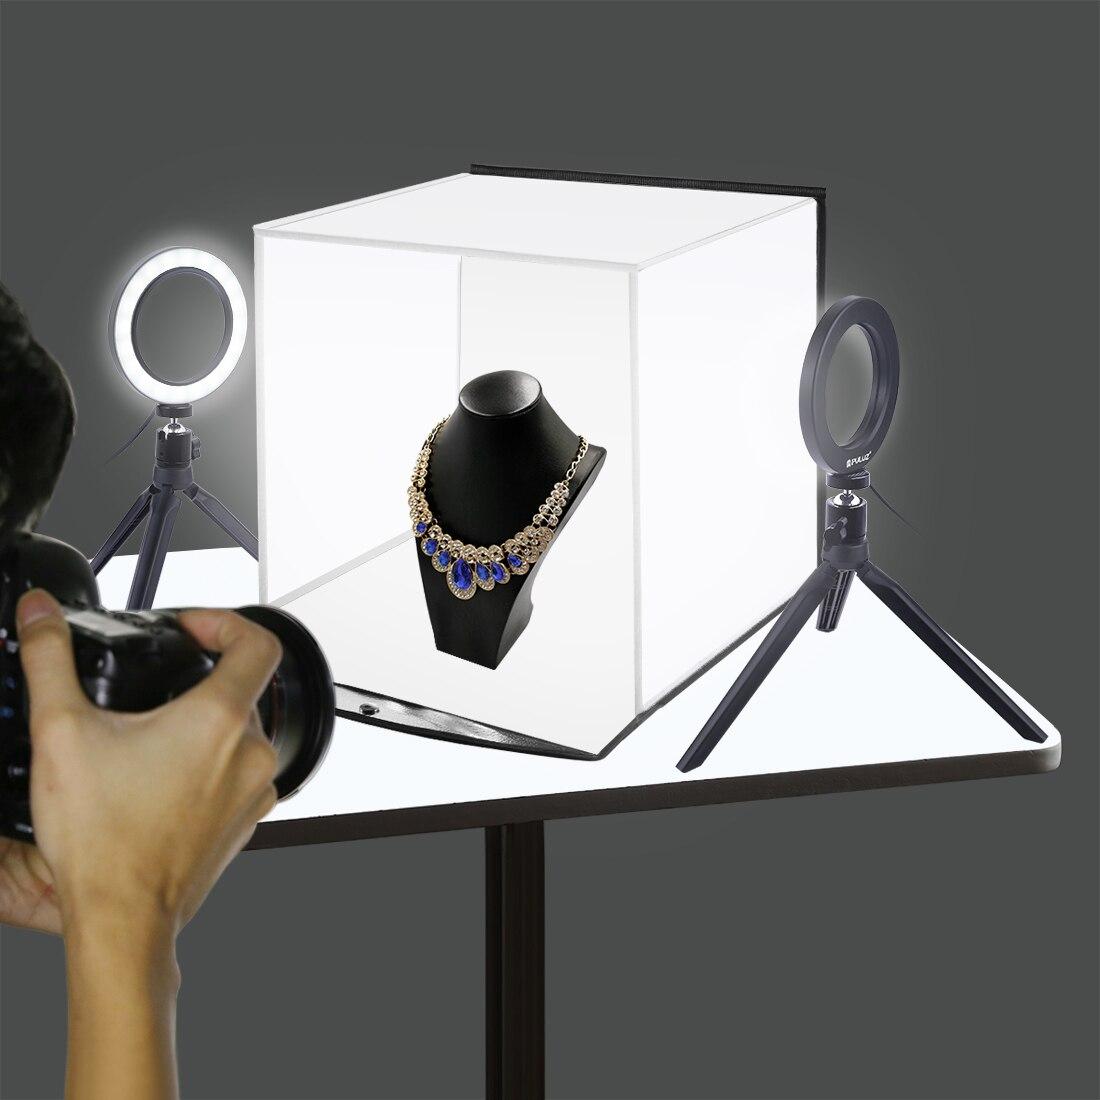 30cm Softbox Table haut anneau godox flash support de lumière cubique Photo Studio lumière photographie neewer tente décors Kit